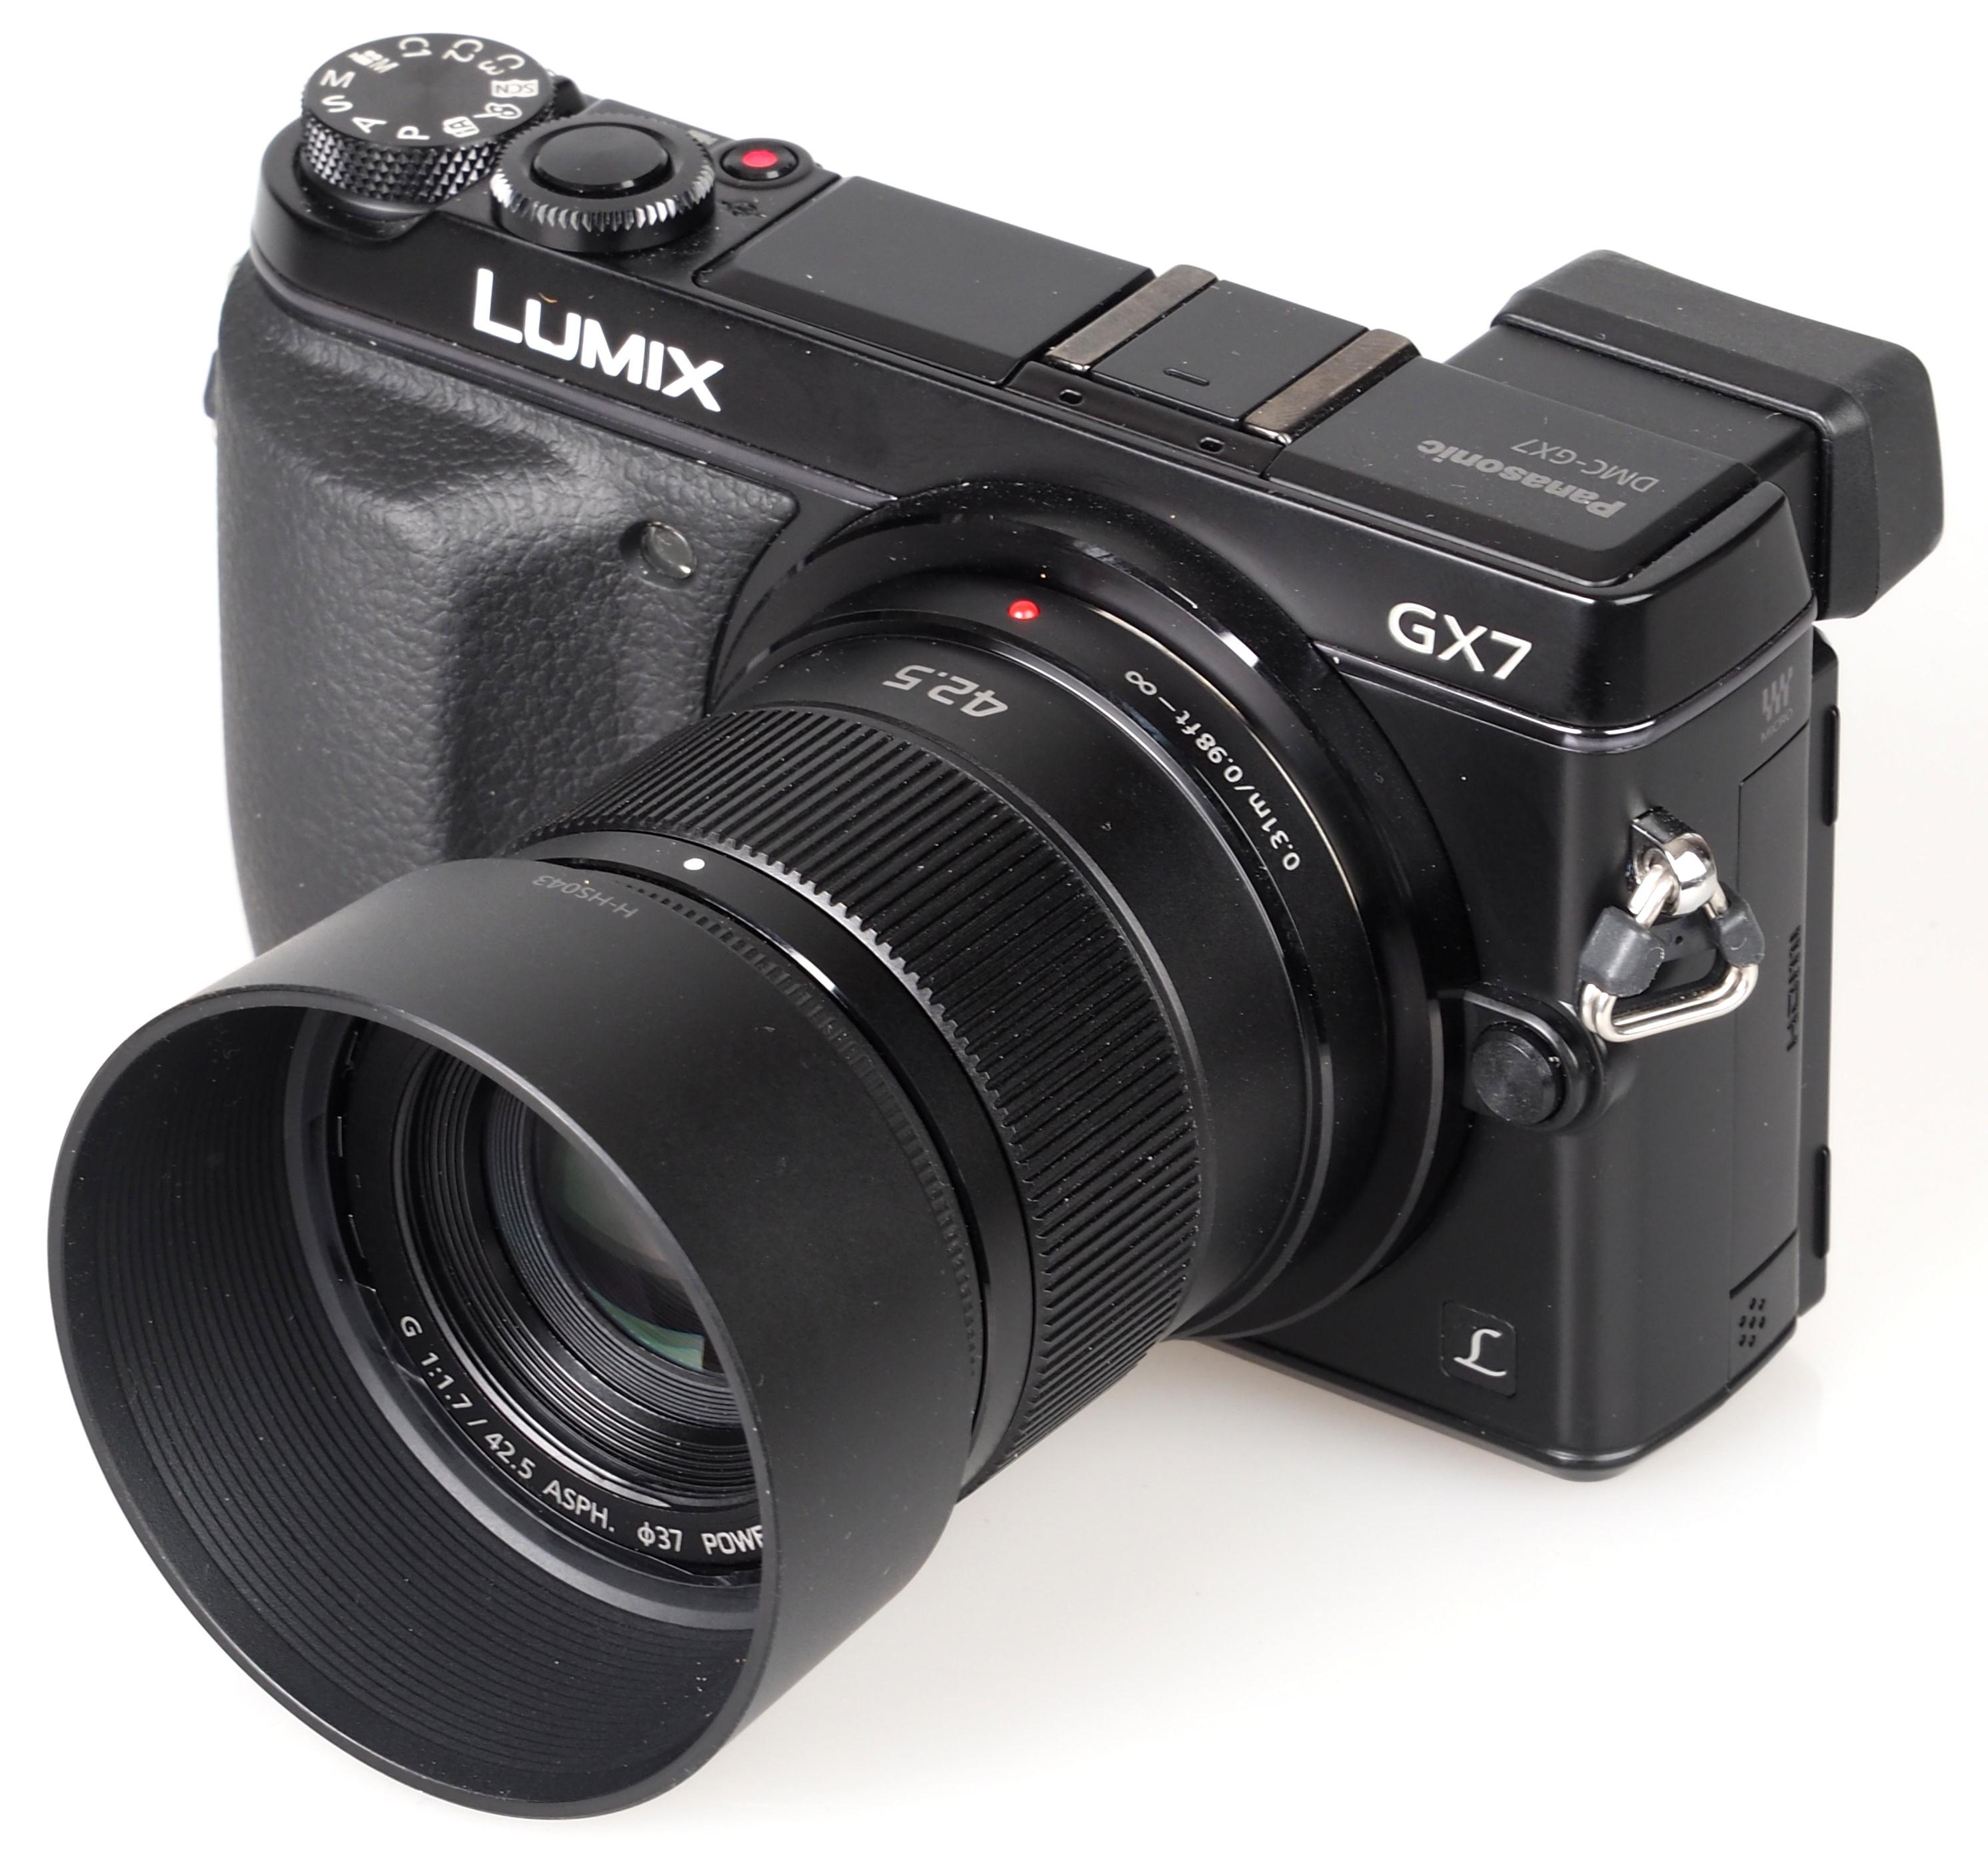 Driver: Olympus Digital Camera H-HS043 Lens